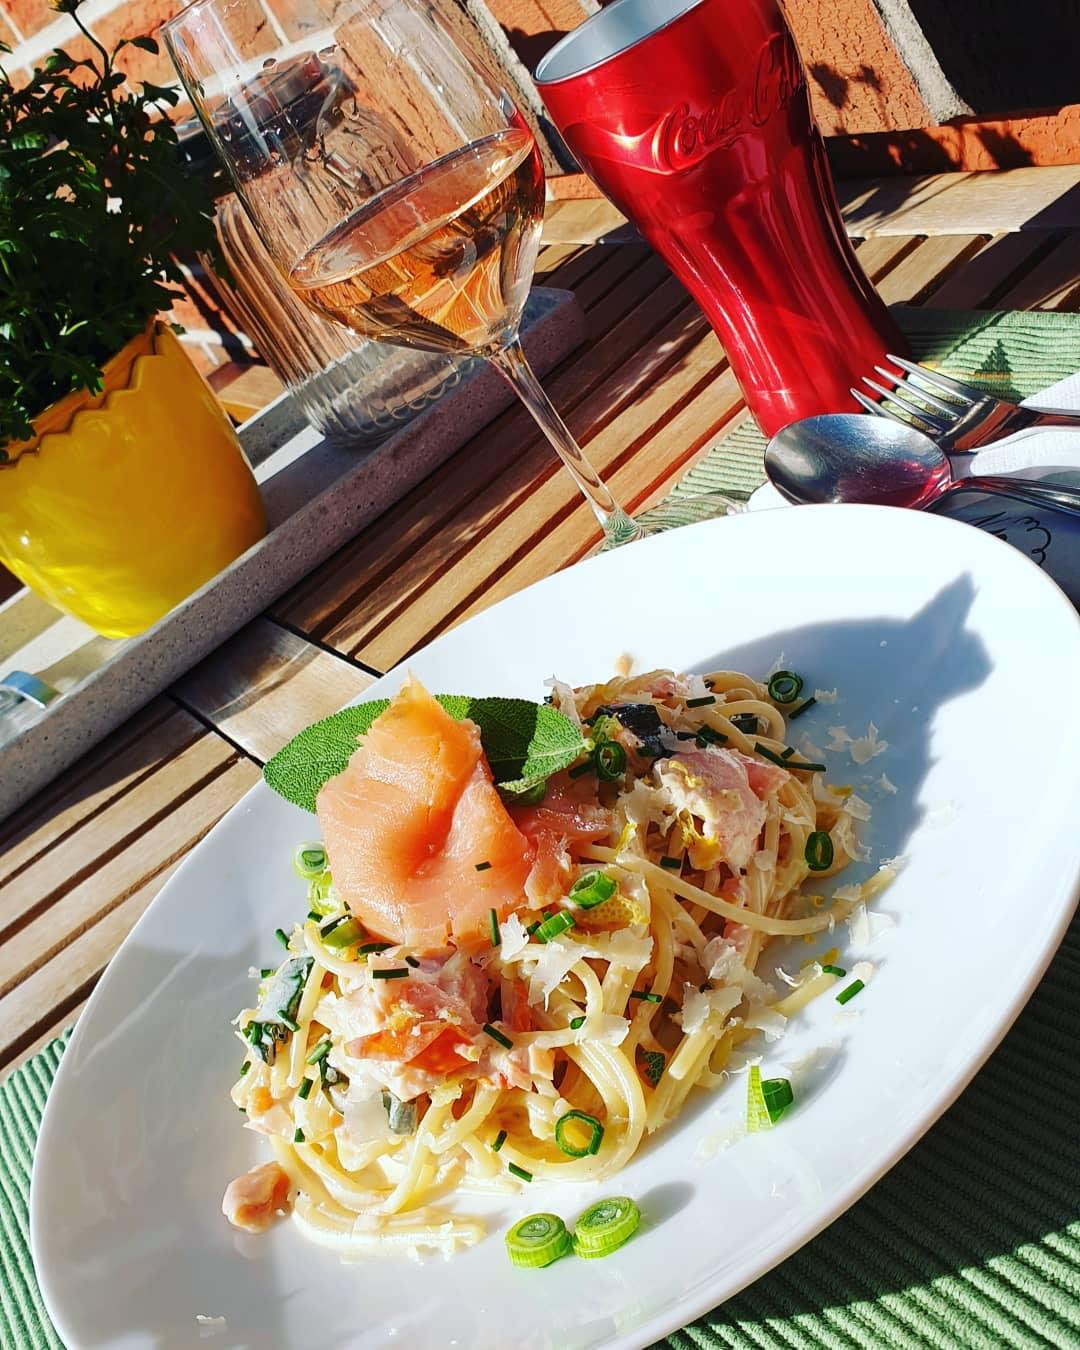 Spaghetti mit Räucherlachs und Zitronen-Crème fraîche